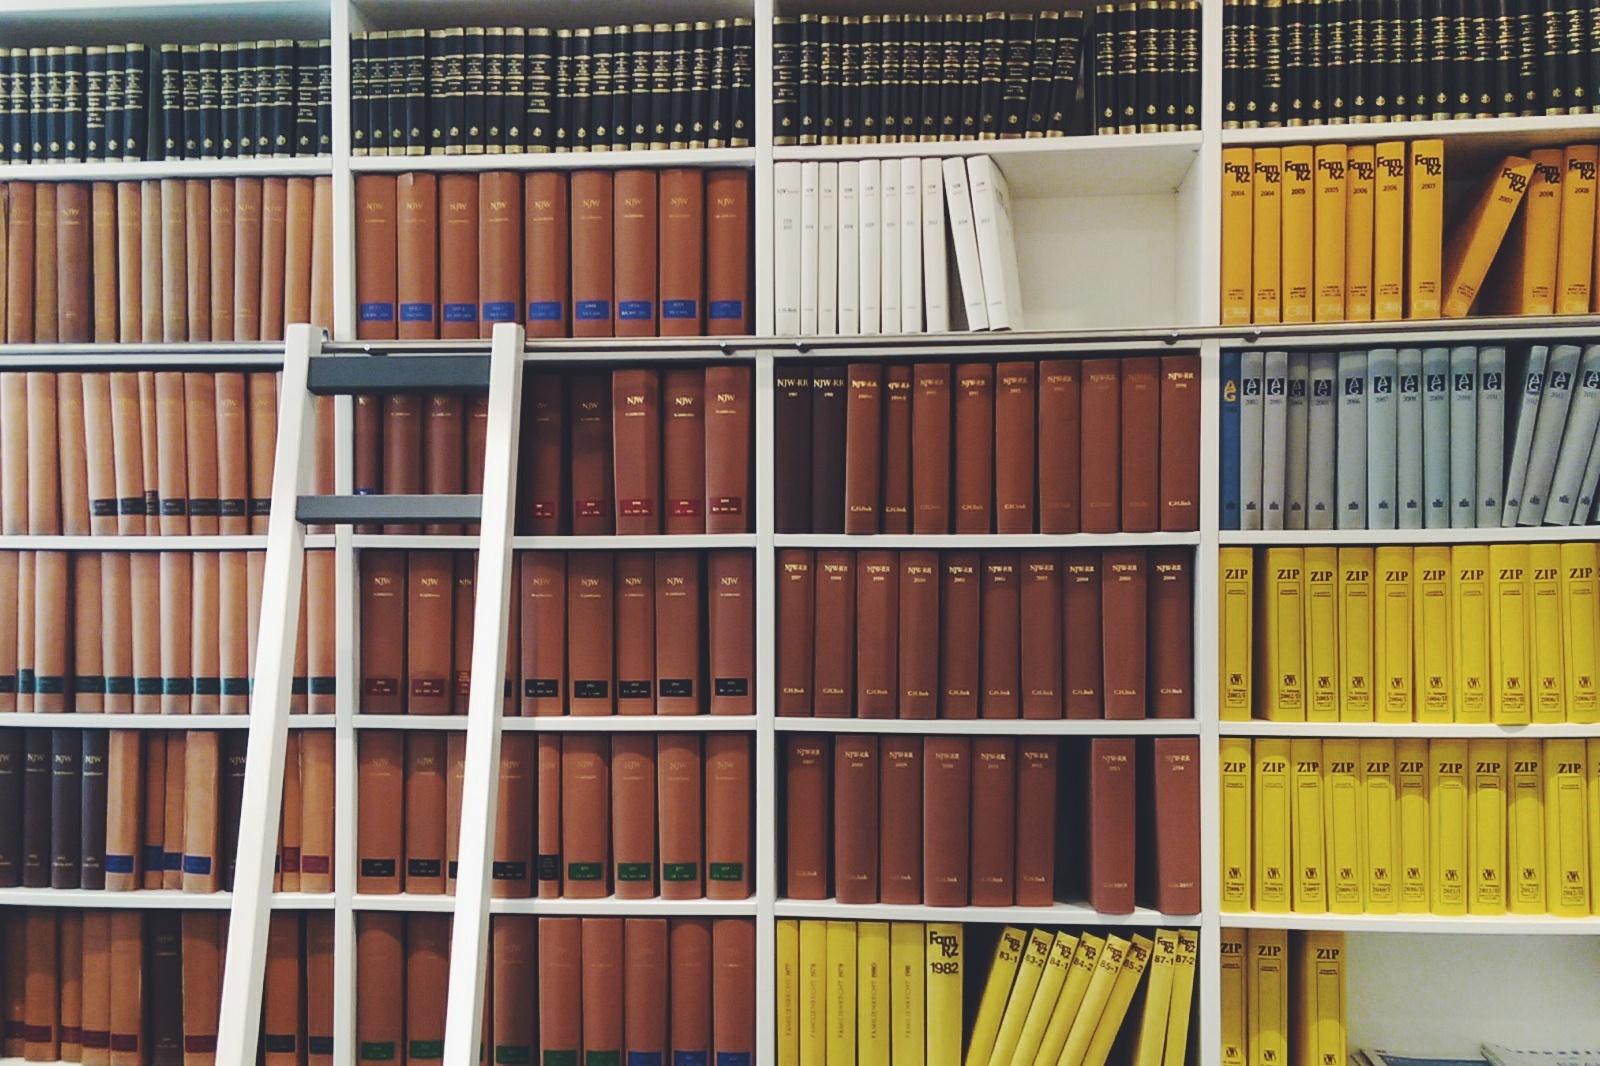 bibliothek libary 54books Blogs und Urheberrecht